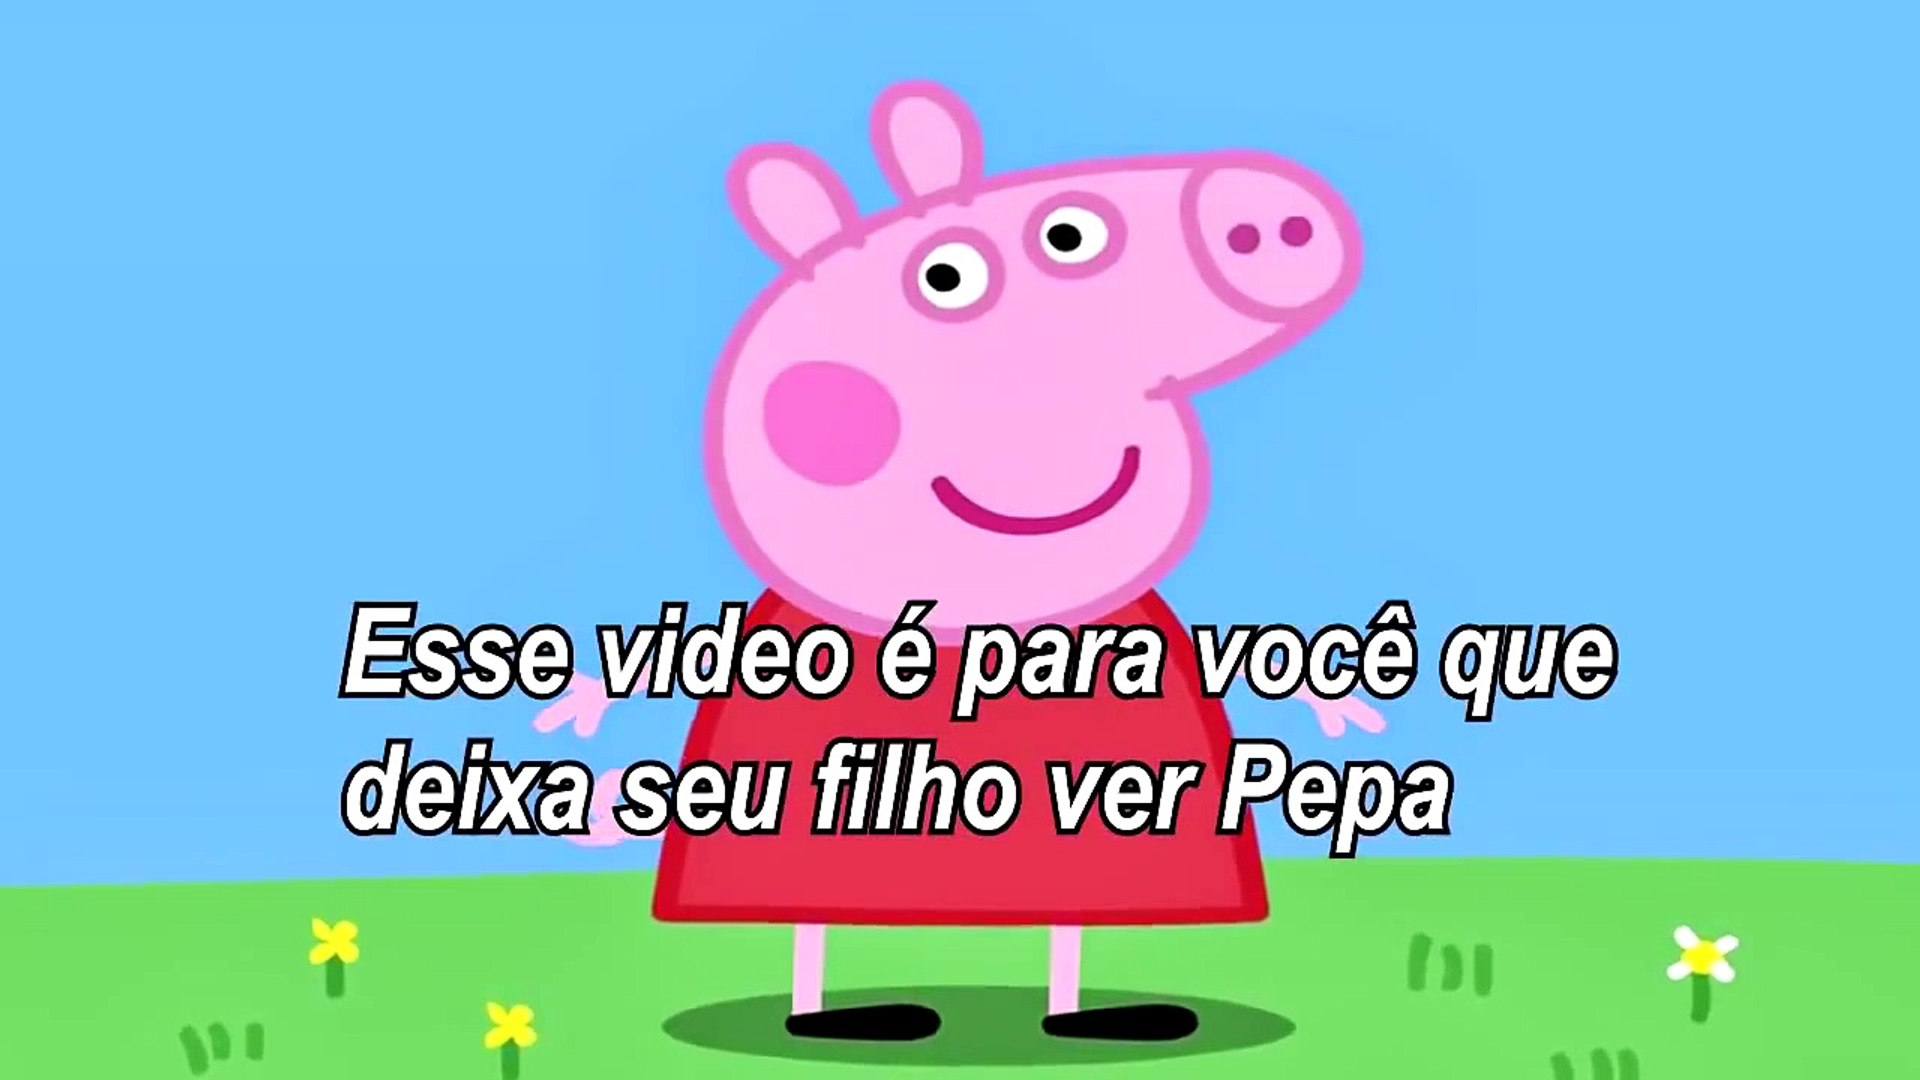 Peppa Pig Mensagens Subliminares Cuidado Ao Deixar Seu Filho A